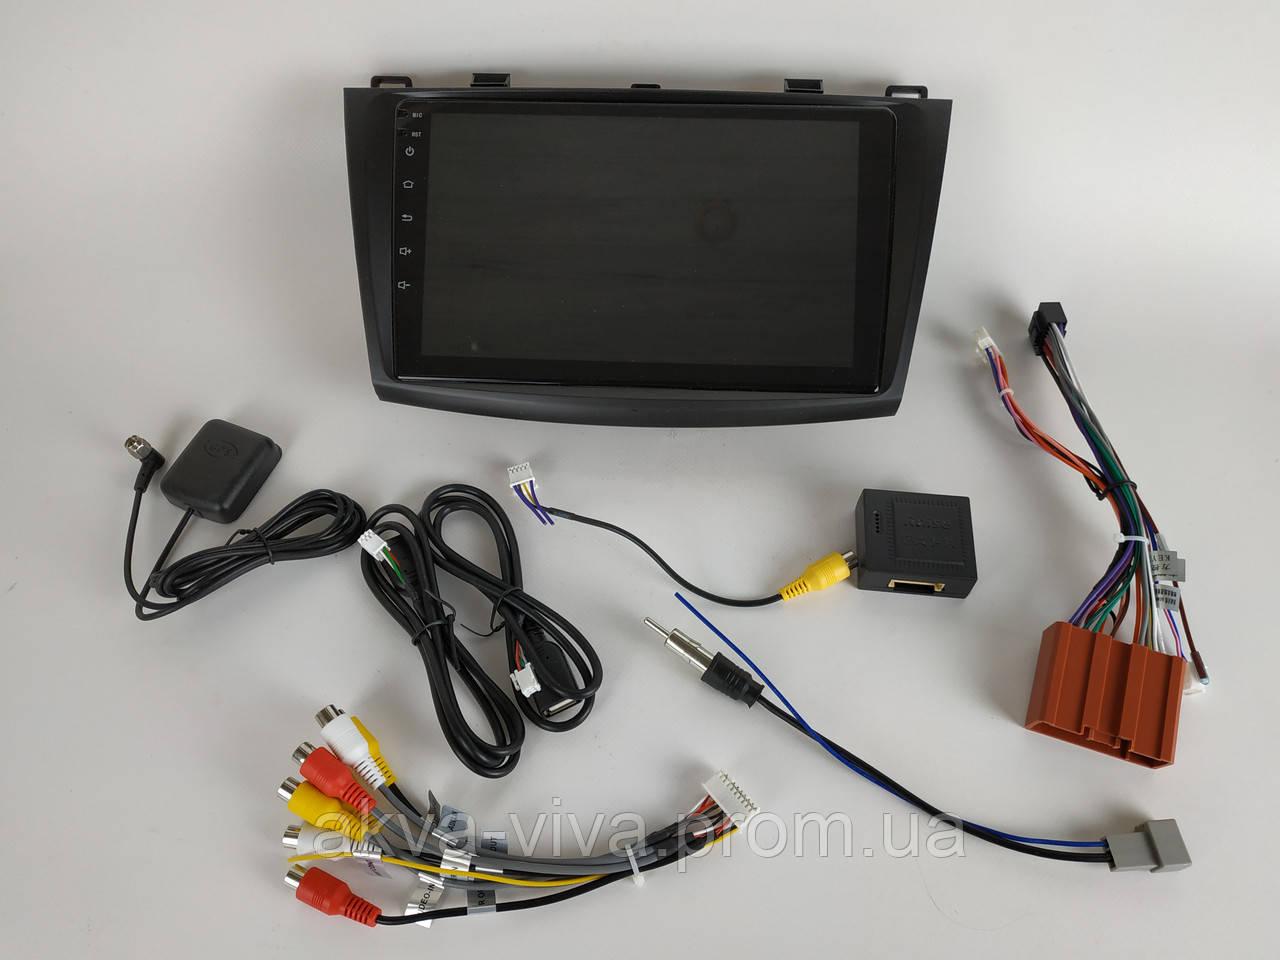 Штатная автомагнитола Mazda 3 2010-2012 на Android с хорошей звуковой настройкой (М-Мз3-9)